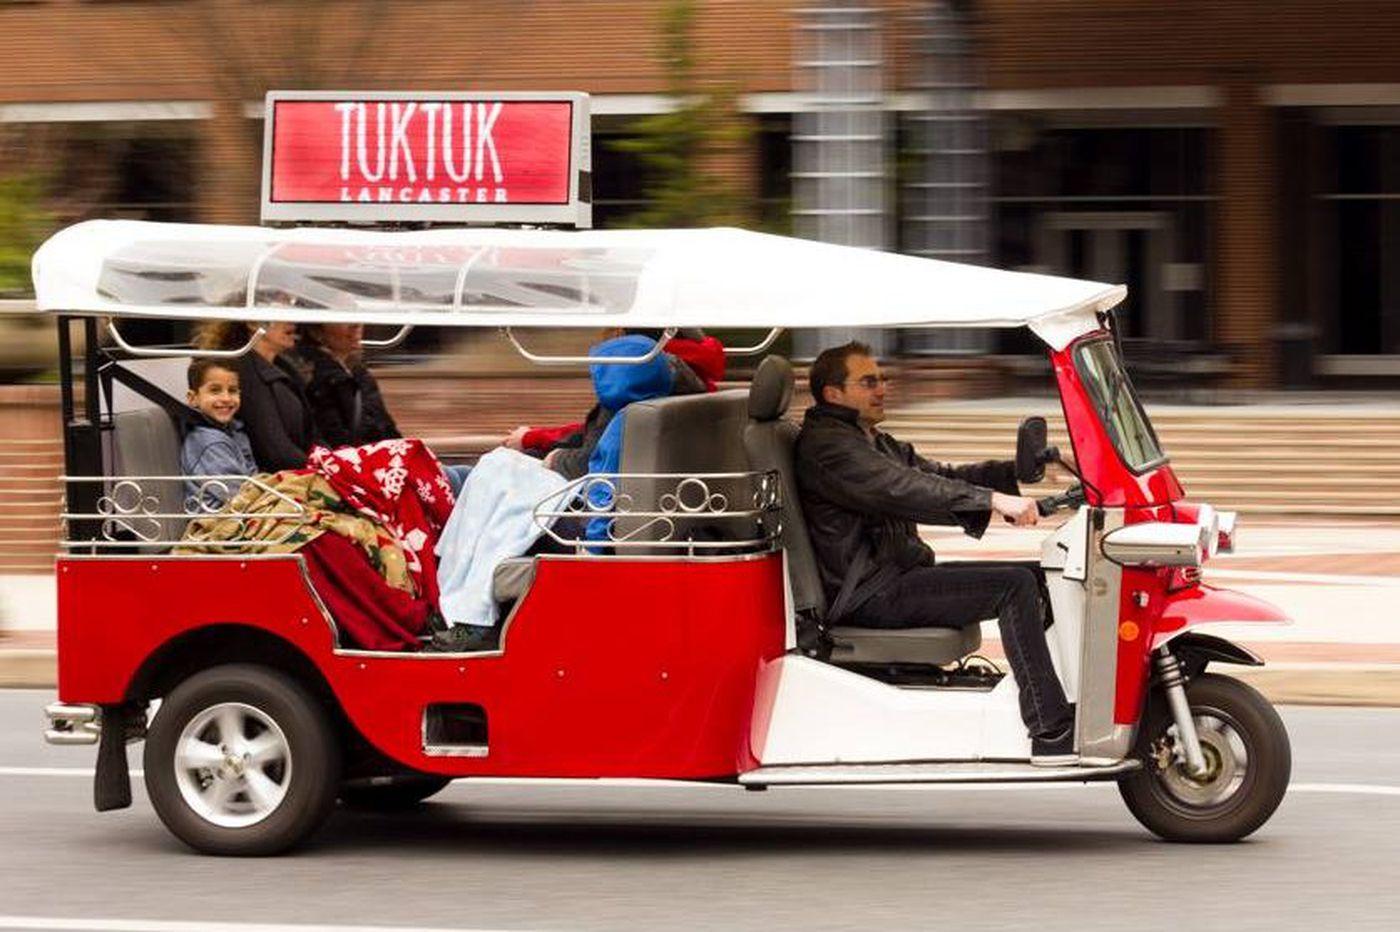 PUC rethinks license denial for Tuktuk sightseeing vehicle